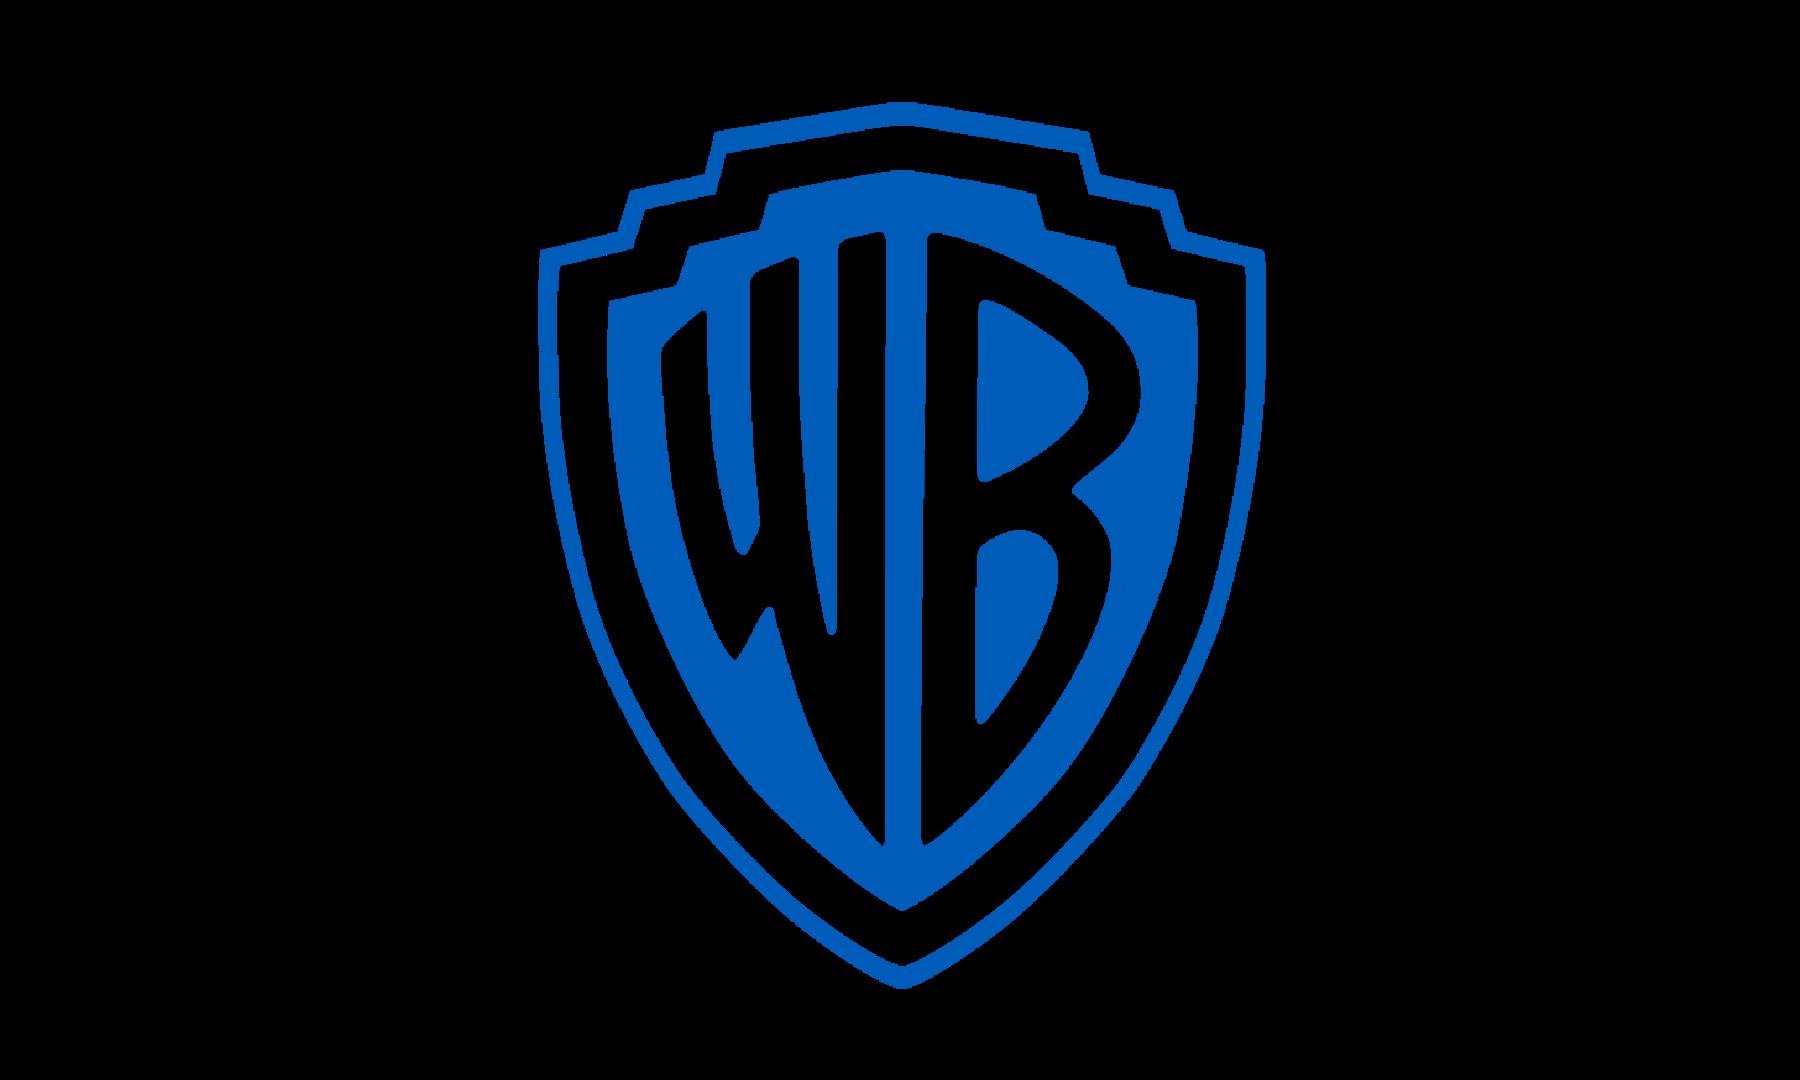 WarnerBros-blue-2021